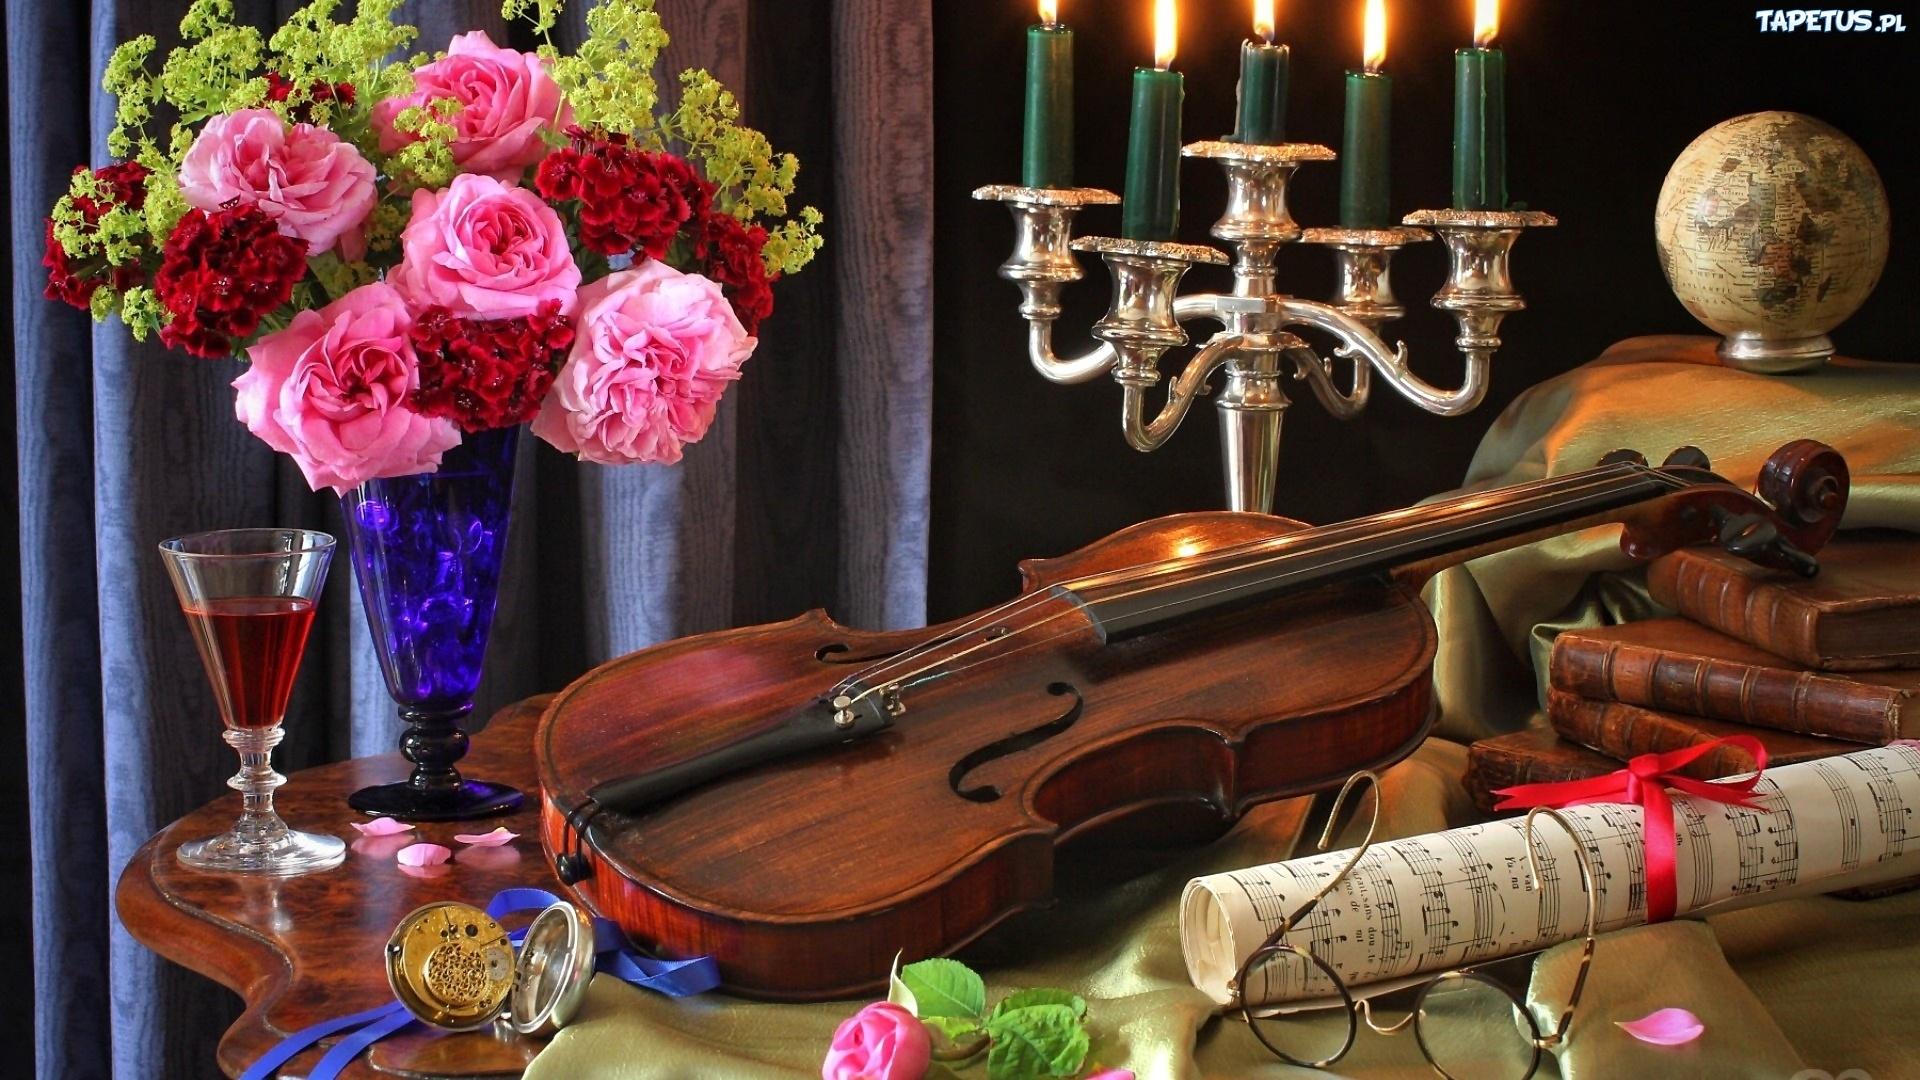 252541_skrzypce-bukiet-kwiaty-roze-wiecznik-nuty.jpg